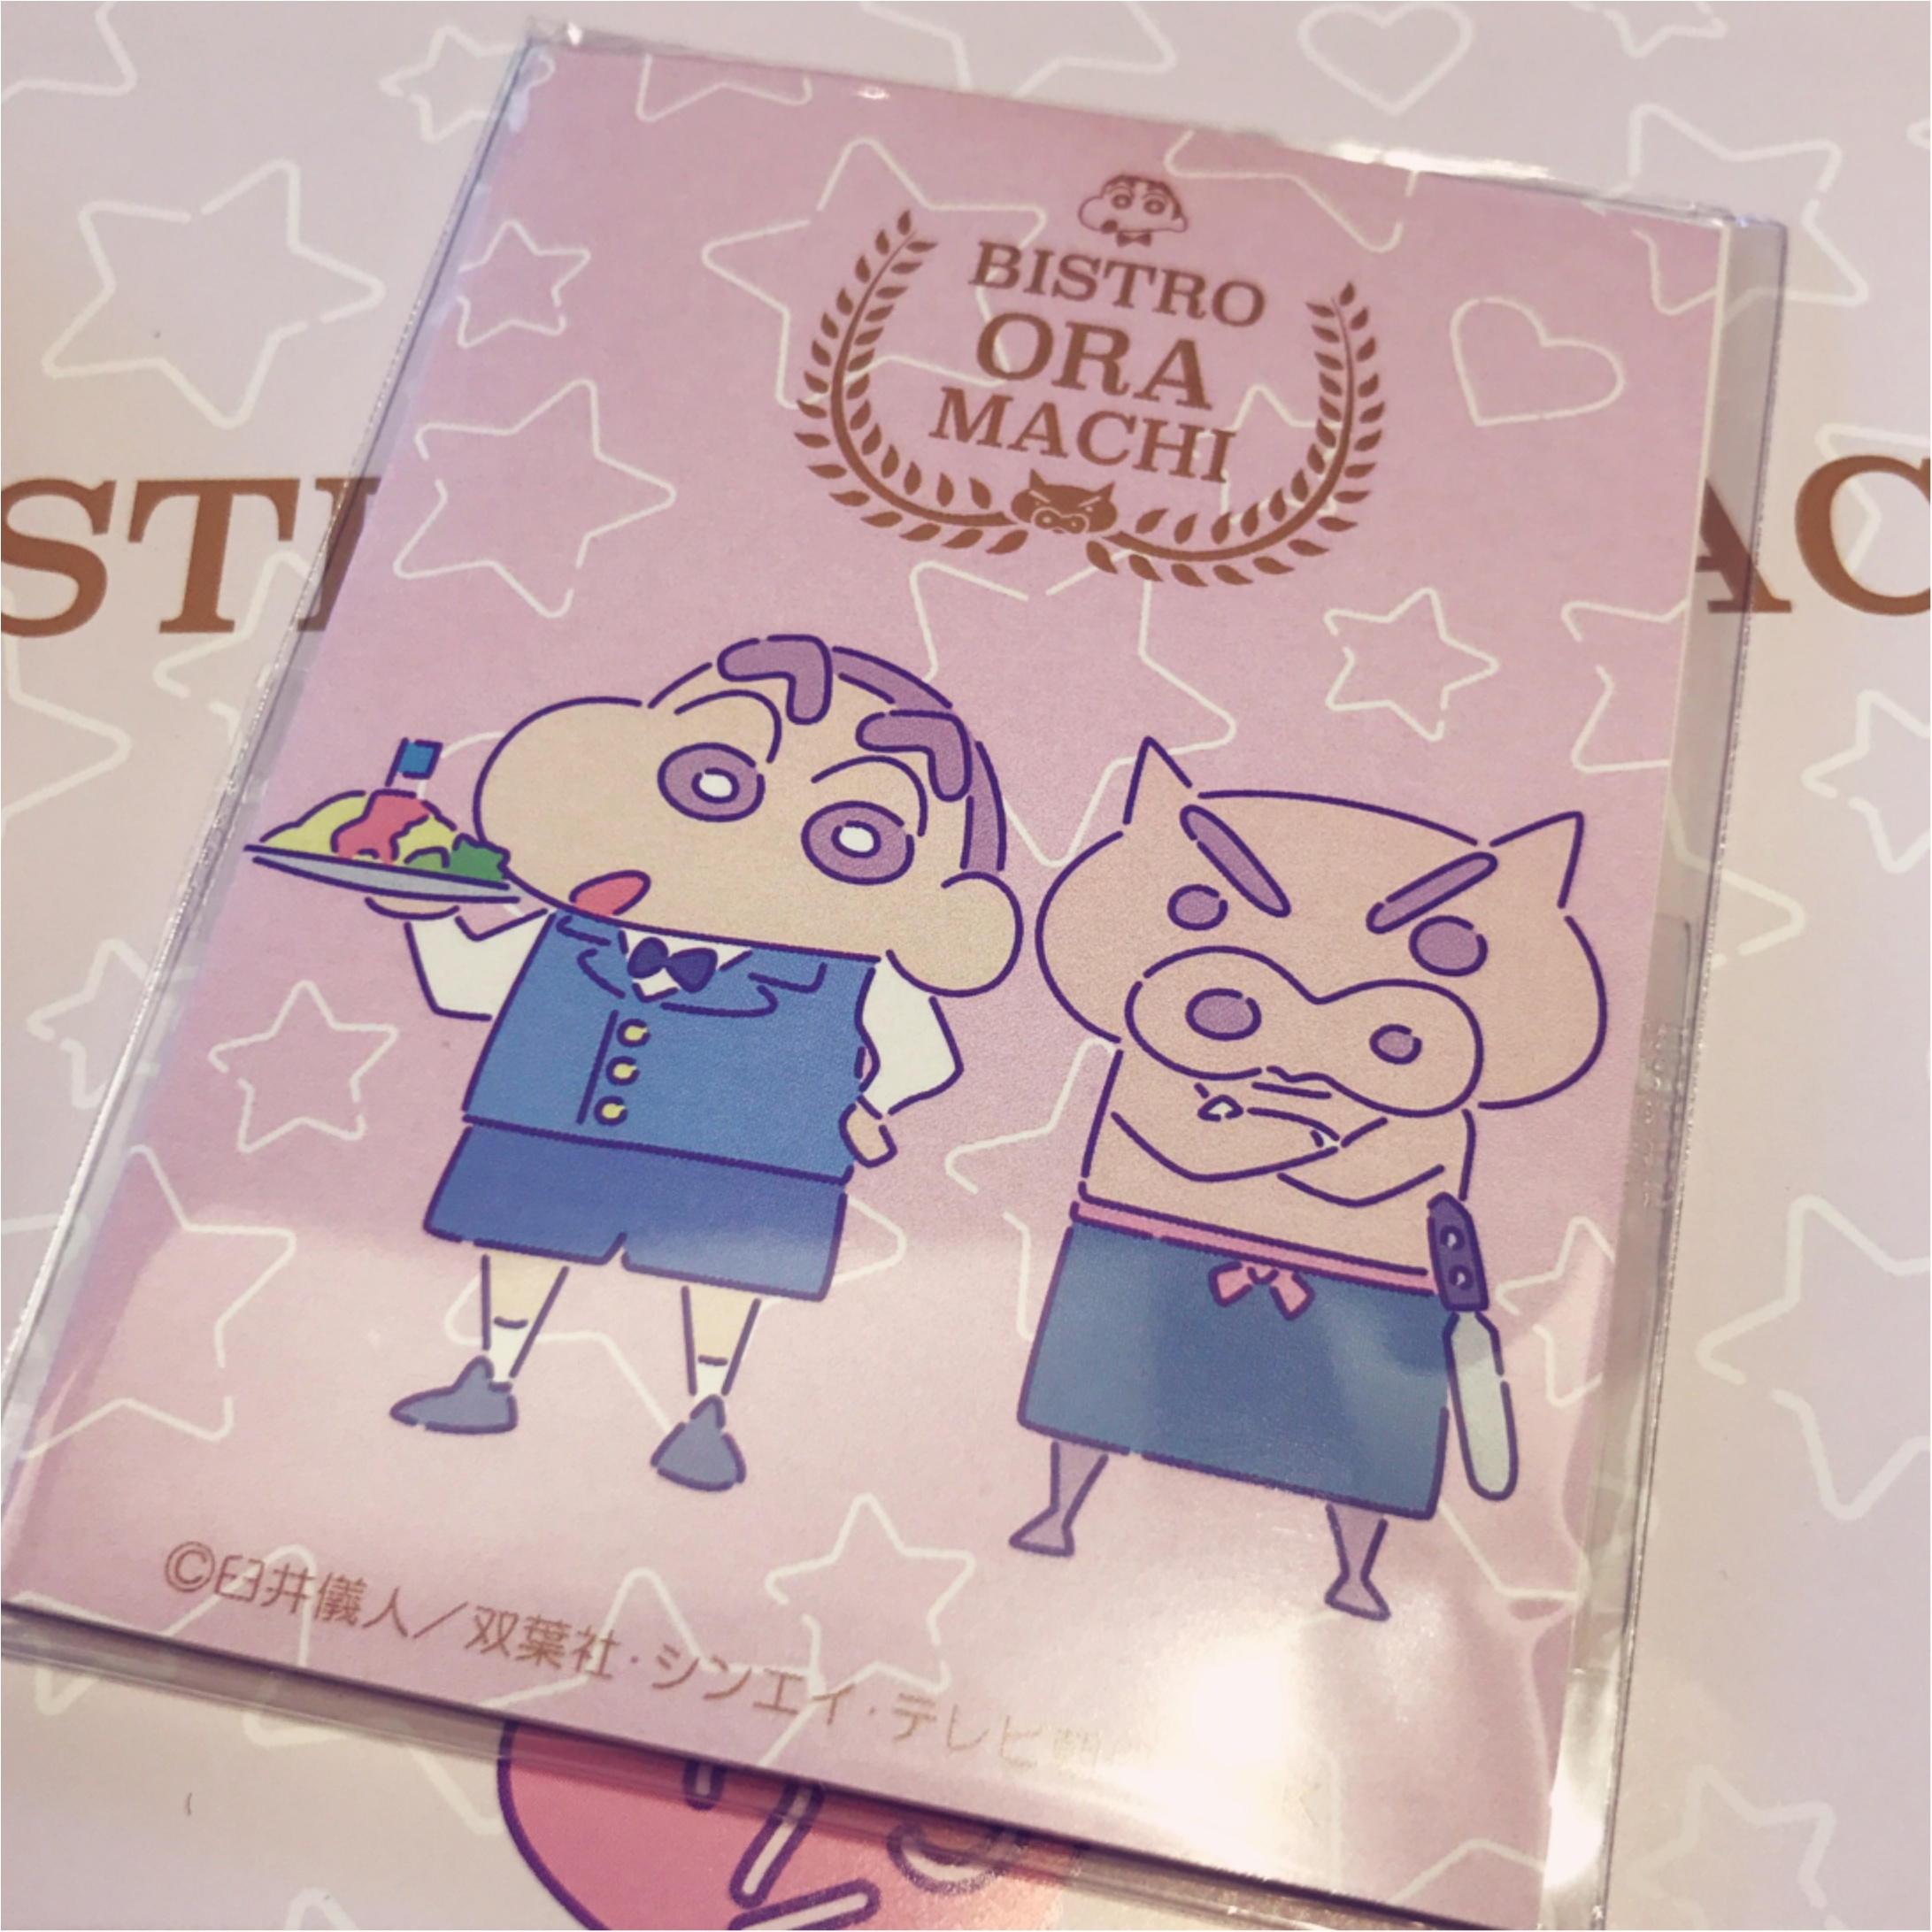 クレヨンしんちゃんコラボカフェ【ビストロオラマチ】に行ってきました♡_6